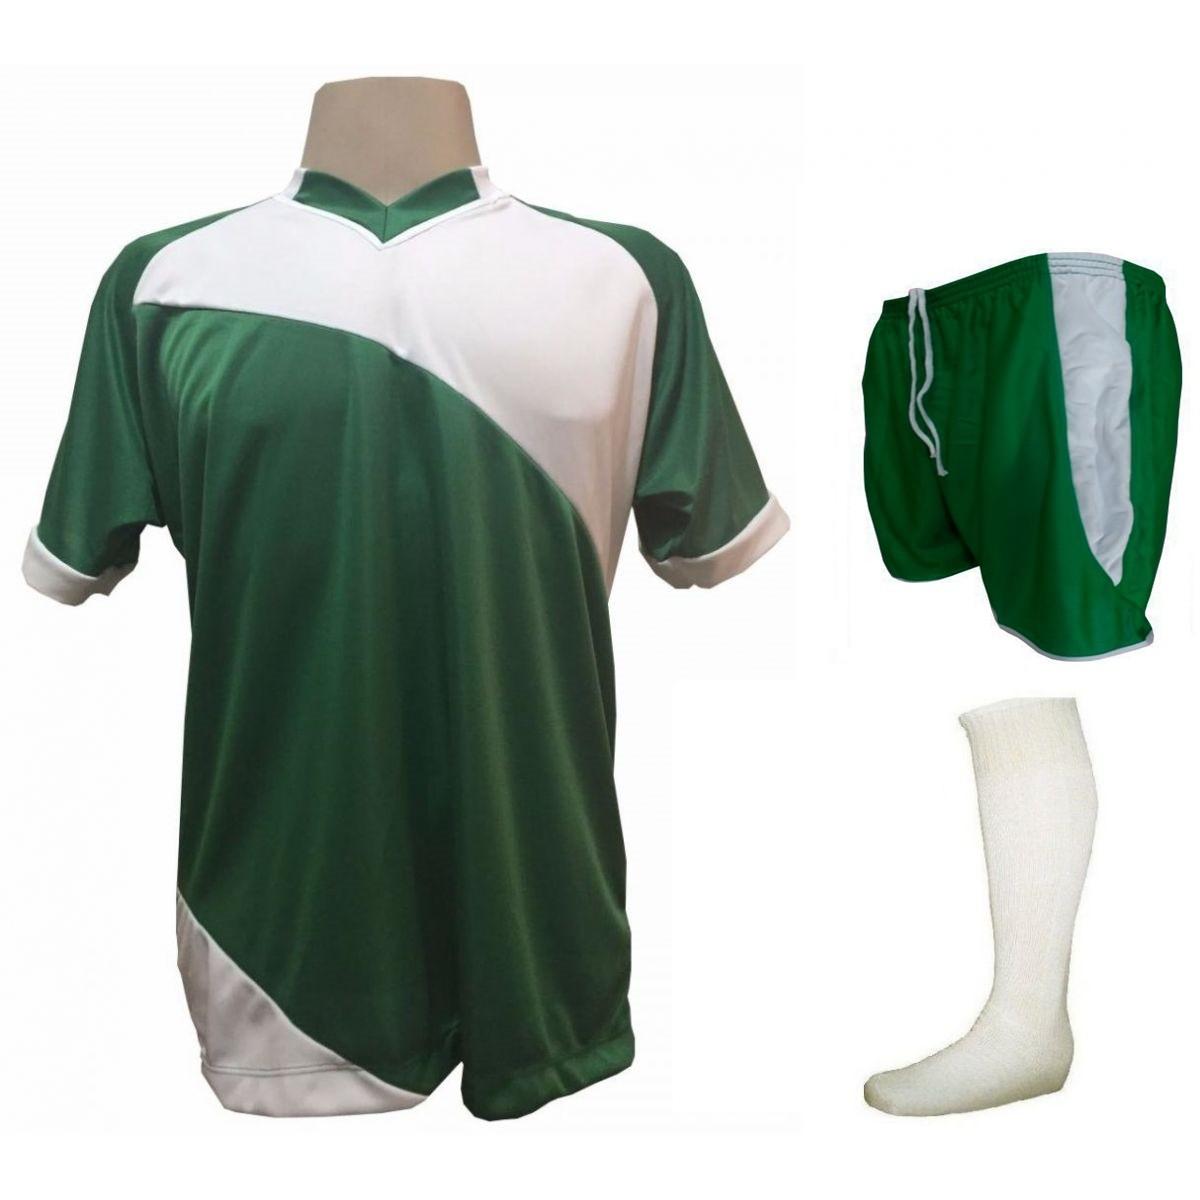 Fardamento Completo modelo Bélgica 20+1 (20 camisas Verde/Branco + 20 calções modelo Copa Verde/Branco + 20 pares de meiões Branco + 1 conjunto de goleiro) + Brindes